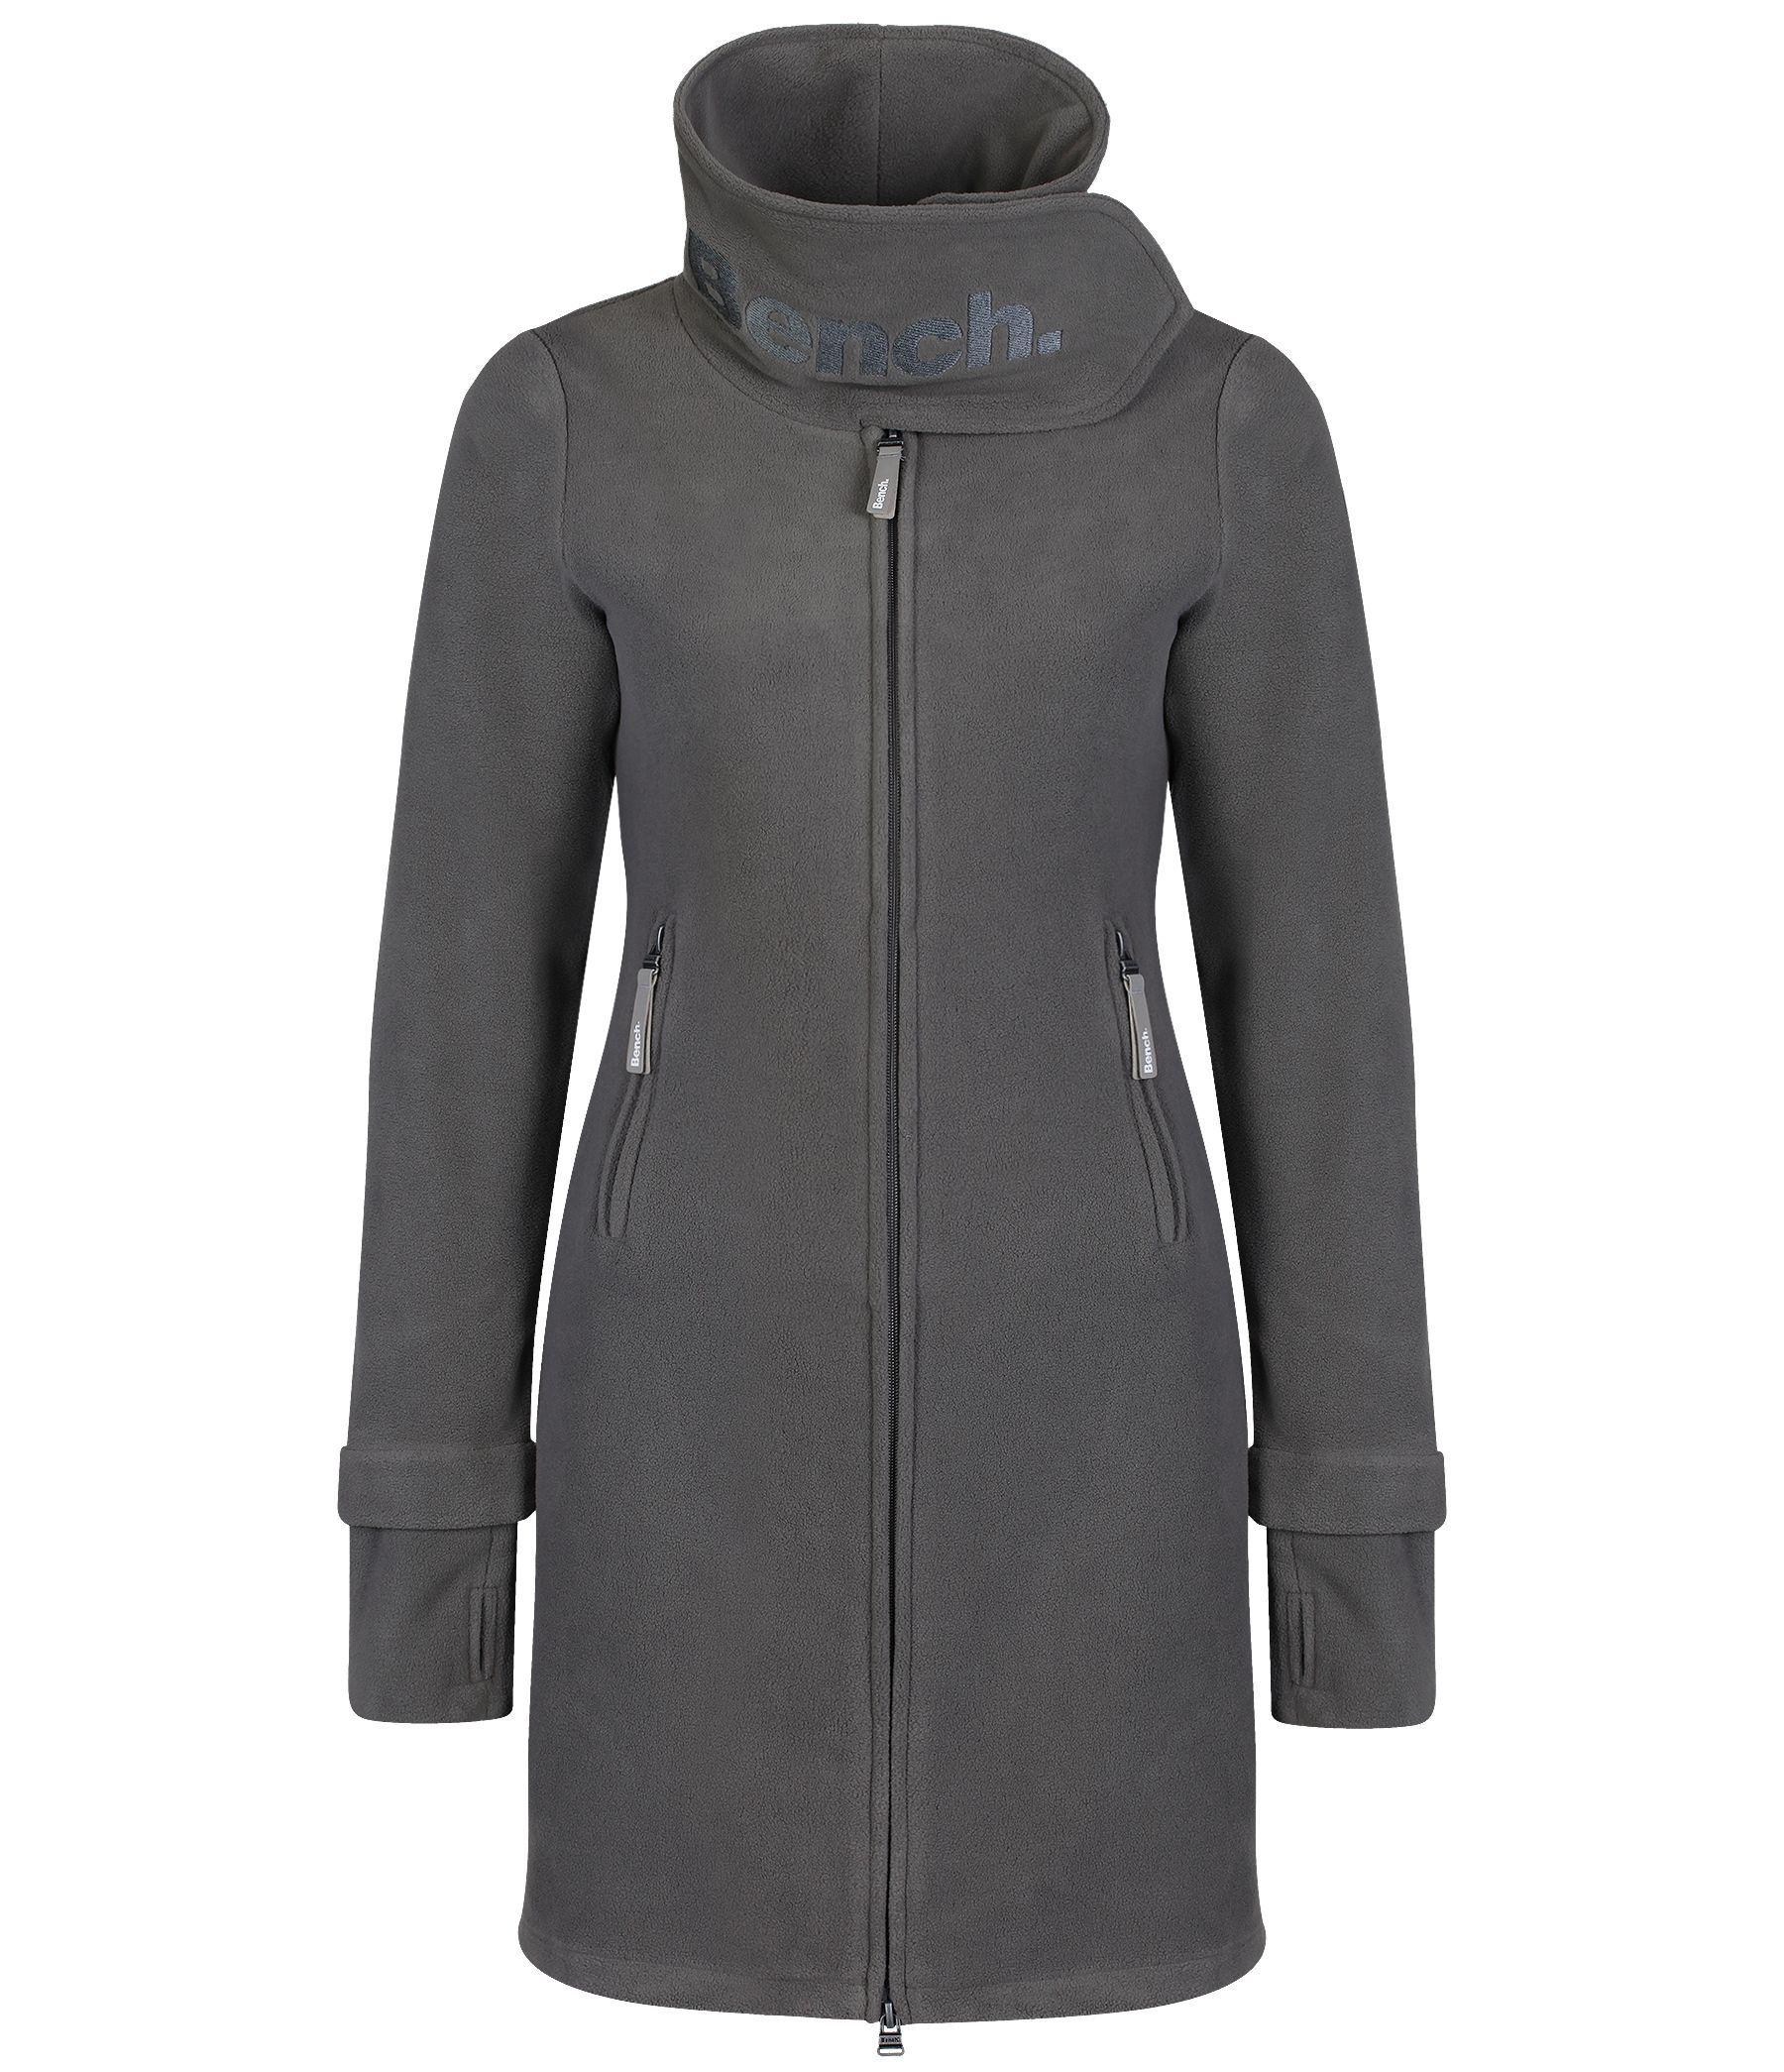 Bench Long Neck Zip Up Fleece Jacket In Gray Lyst